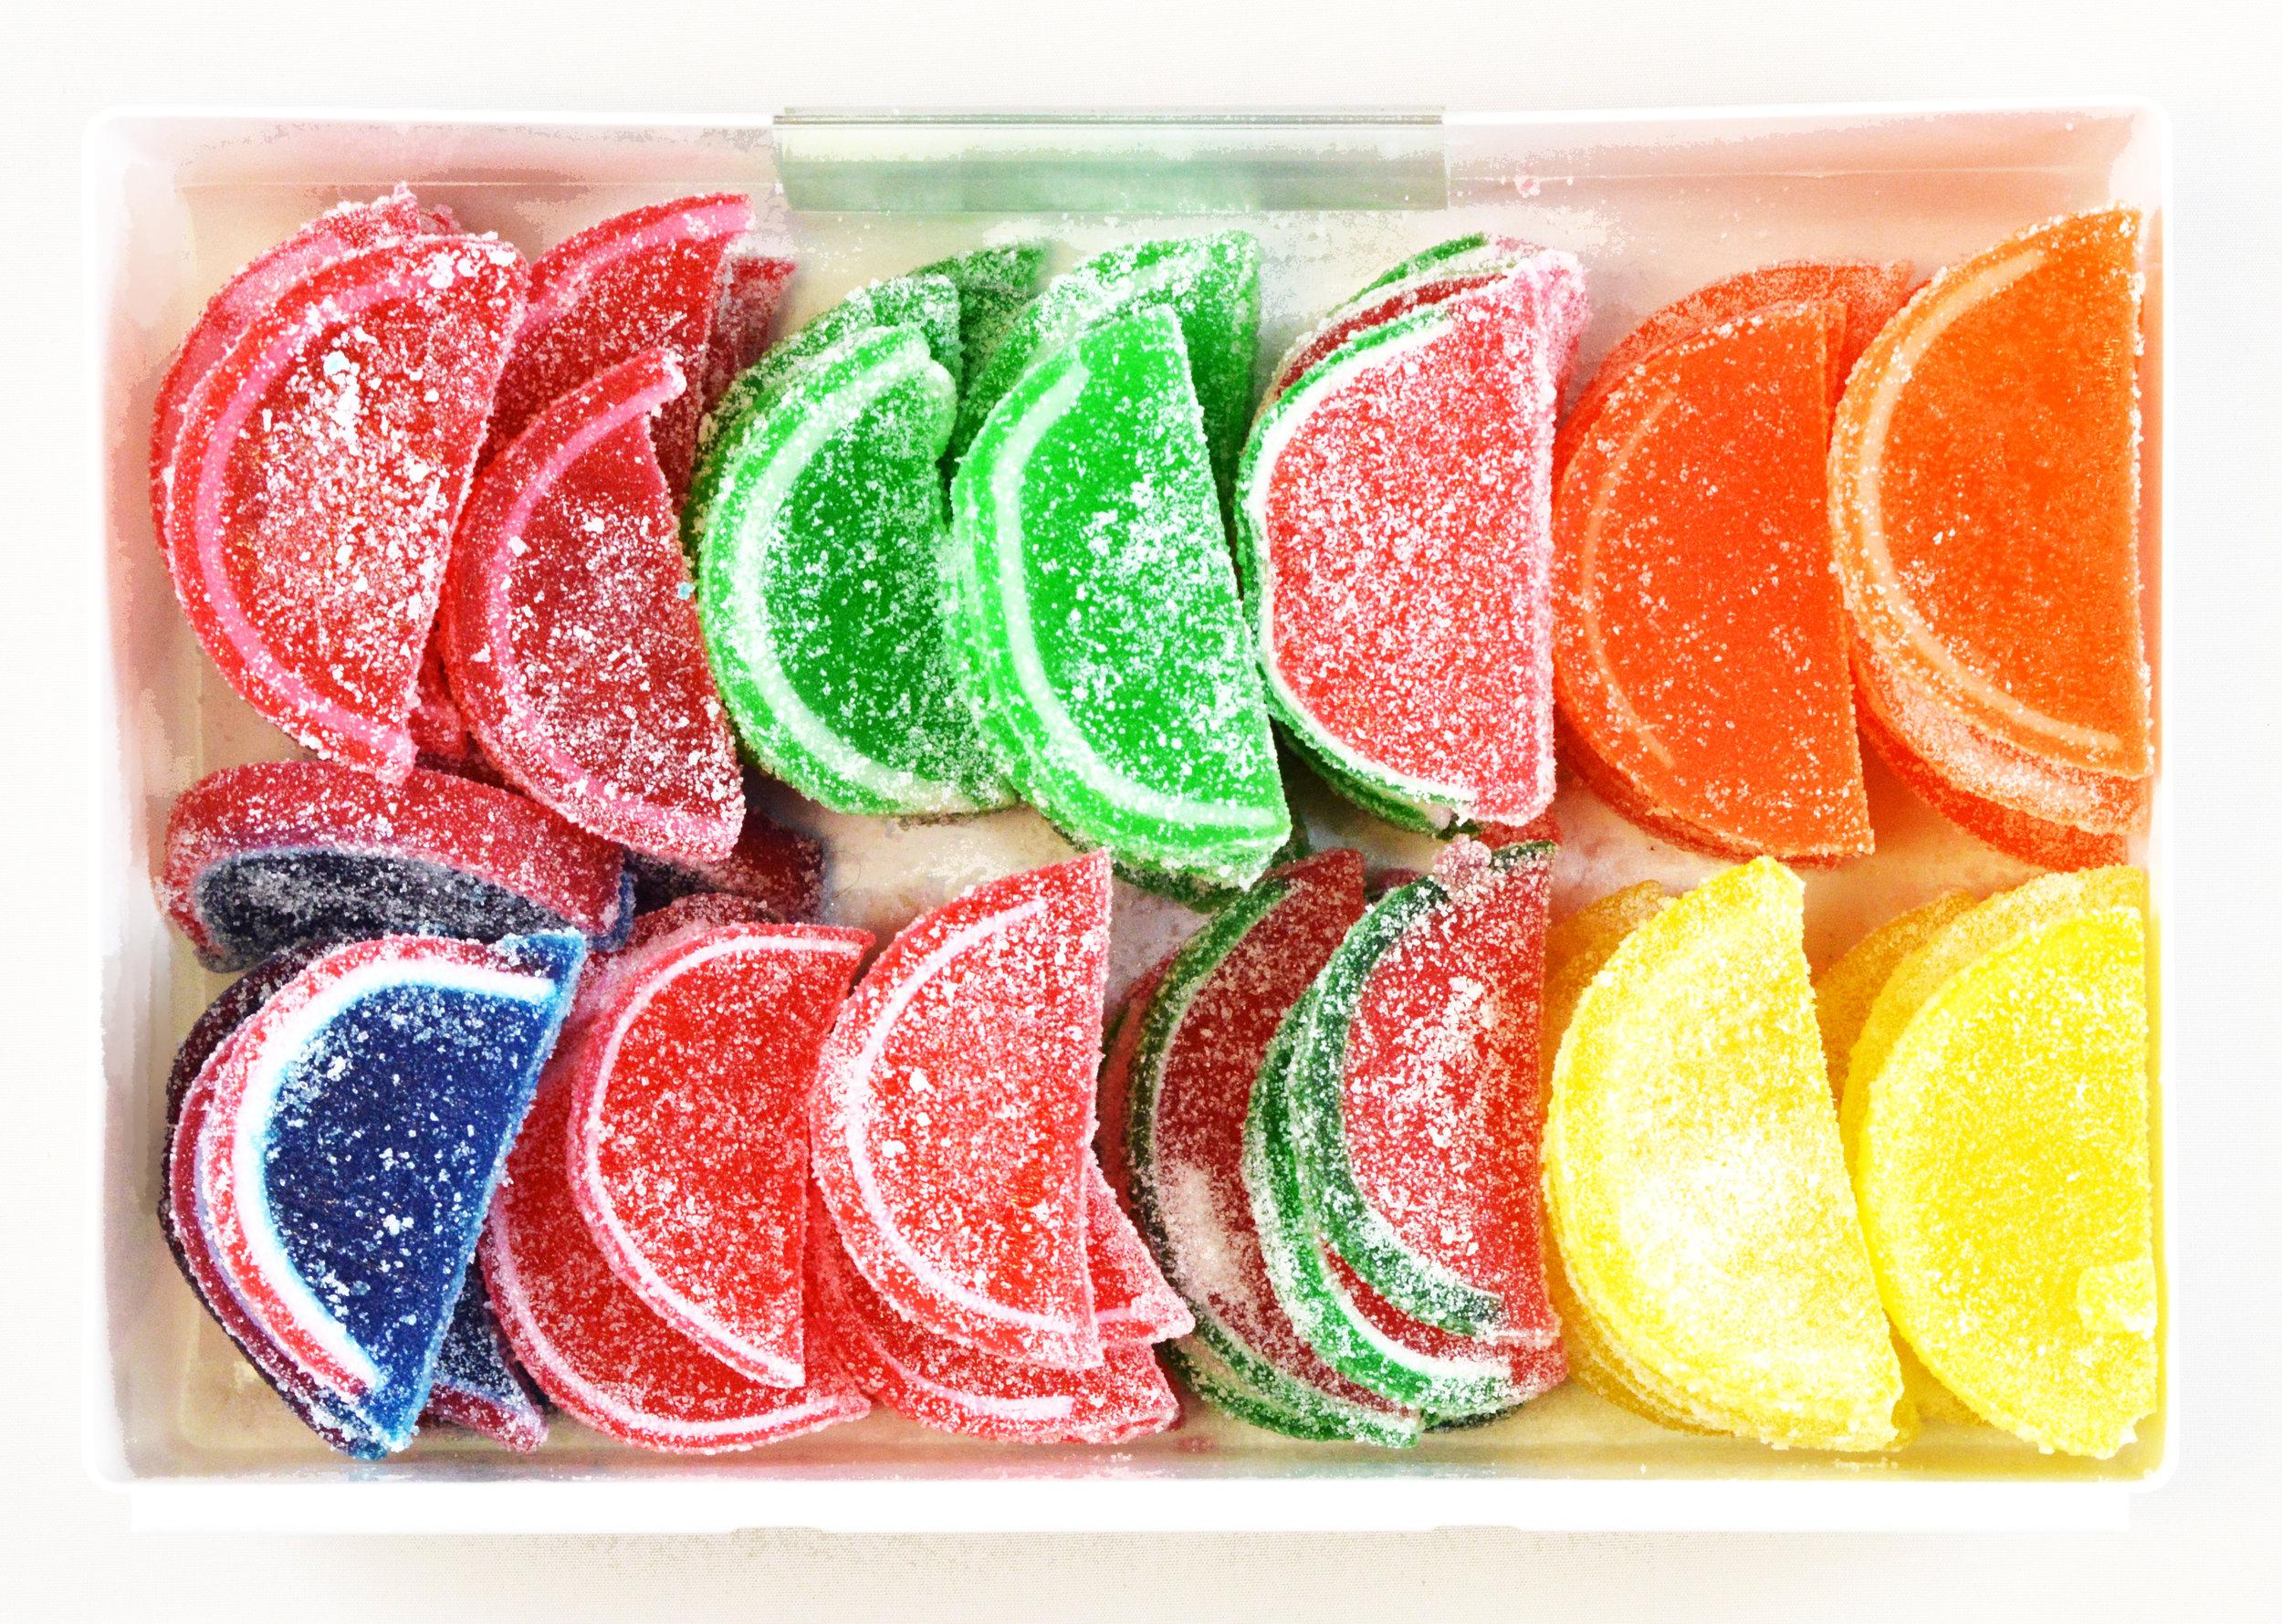 FruitSlices.jpg